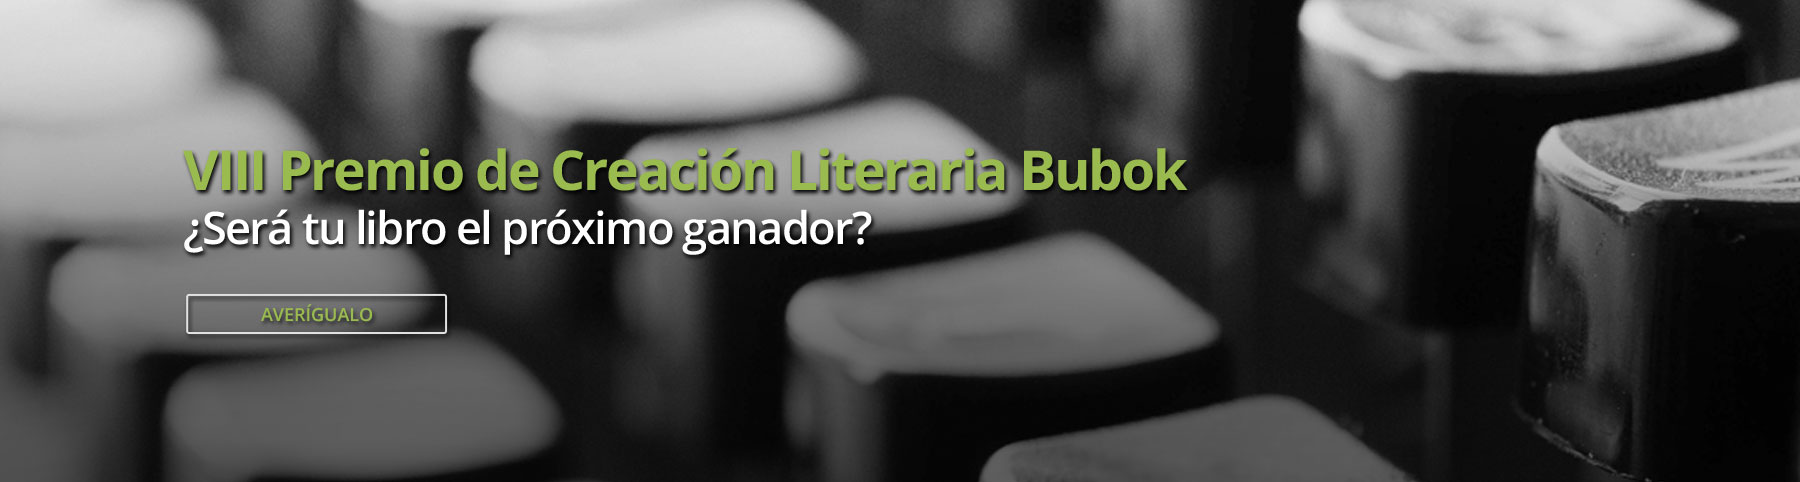 http://www.bubok.es/autores/octavo-concurso-literario